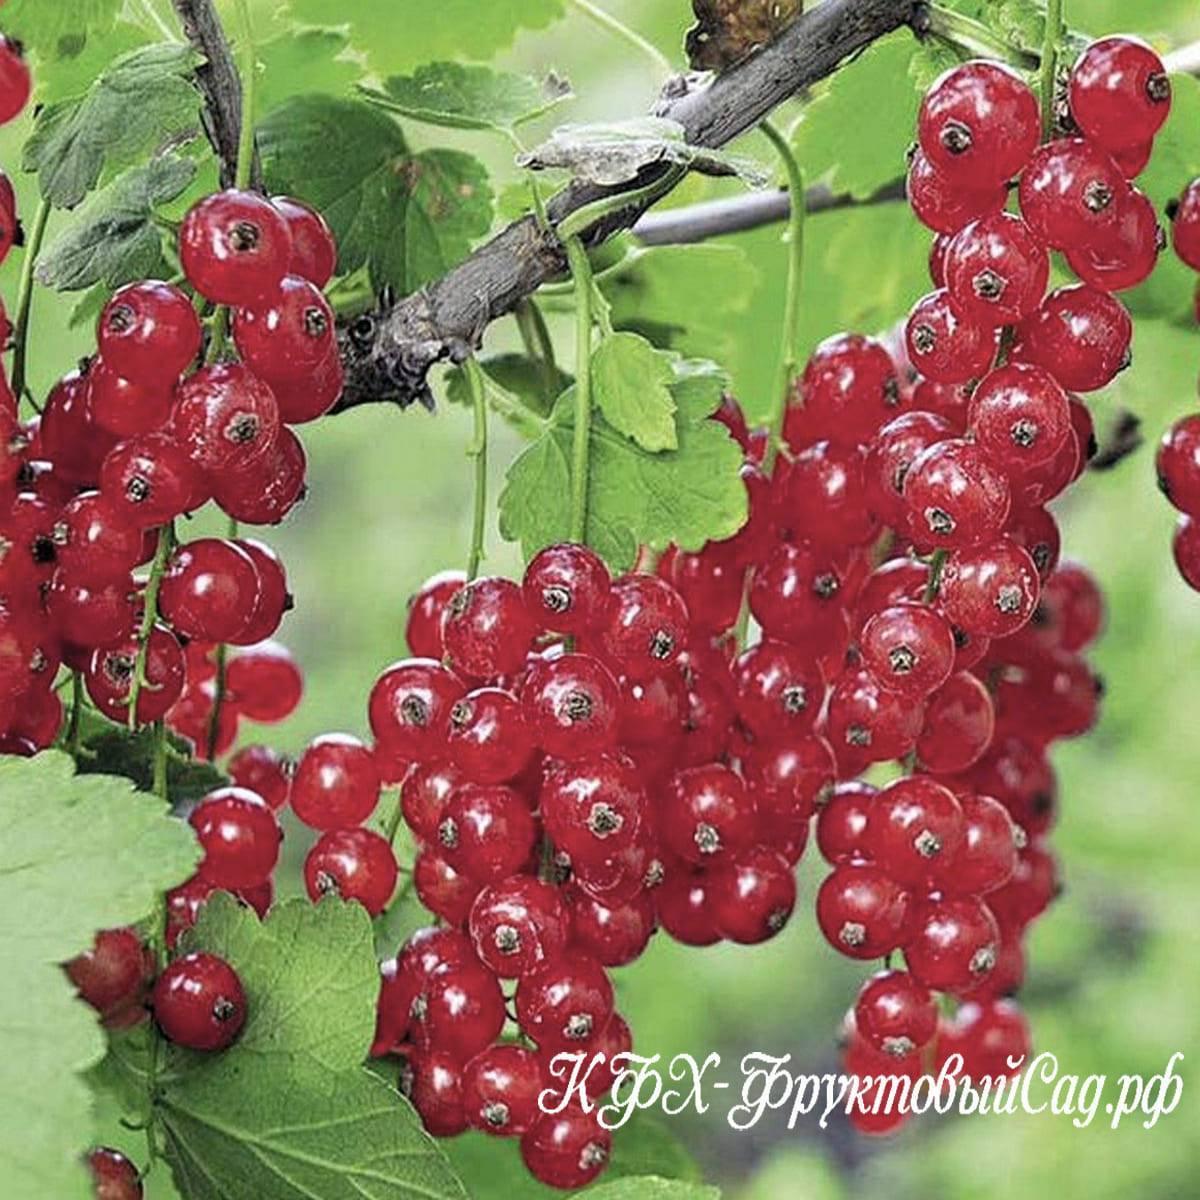 Описание сорта красной смородины джонкер ван тетс, выращивание и уход